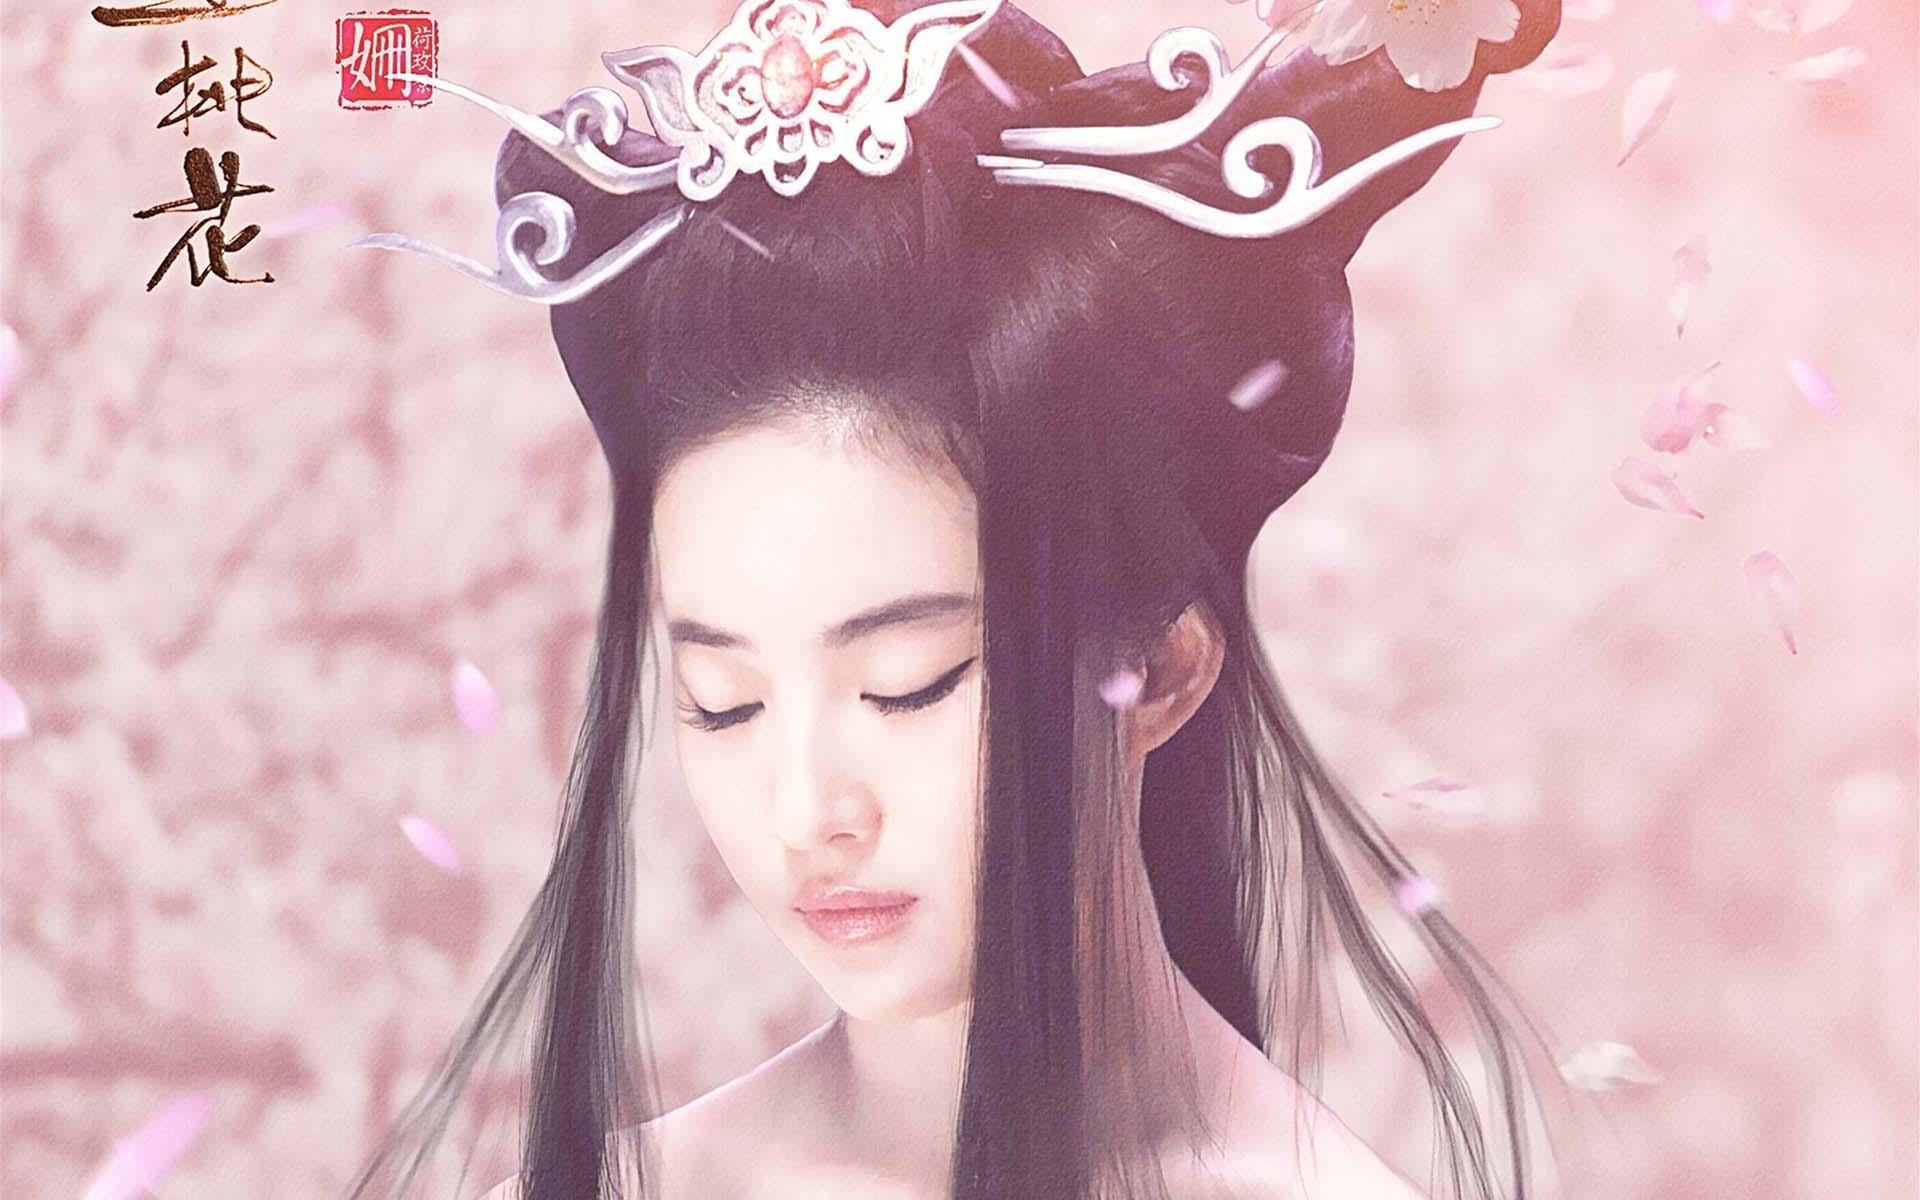 刘亦菲唯美高清桌面壁纸 三生三世十里桃花刘亦菲唯美高清壁纸 高清壁纸 第10张